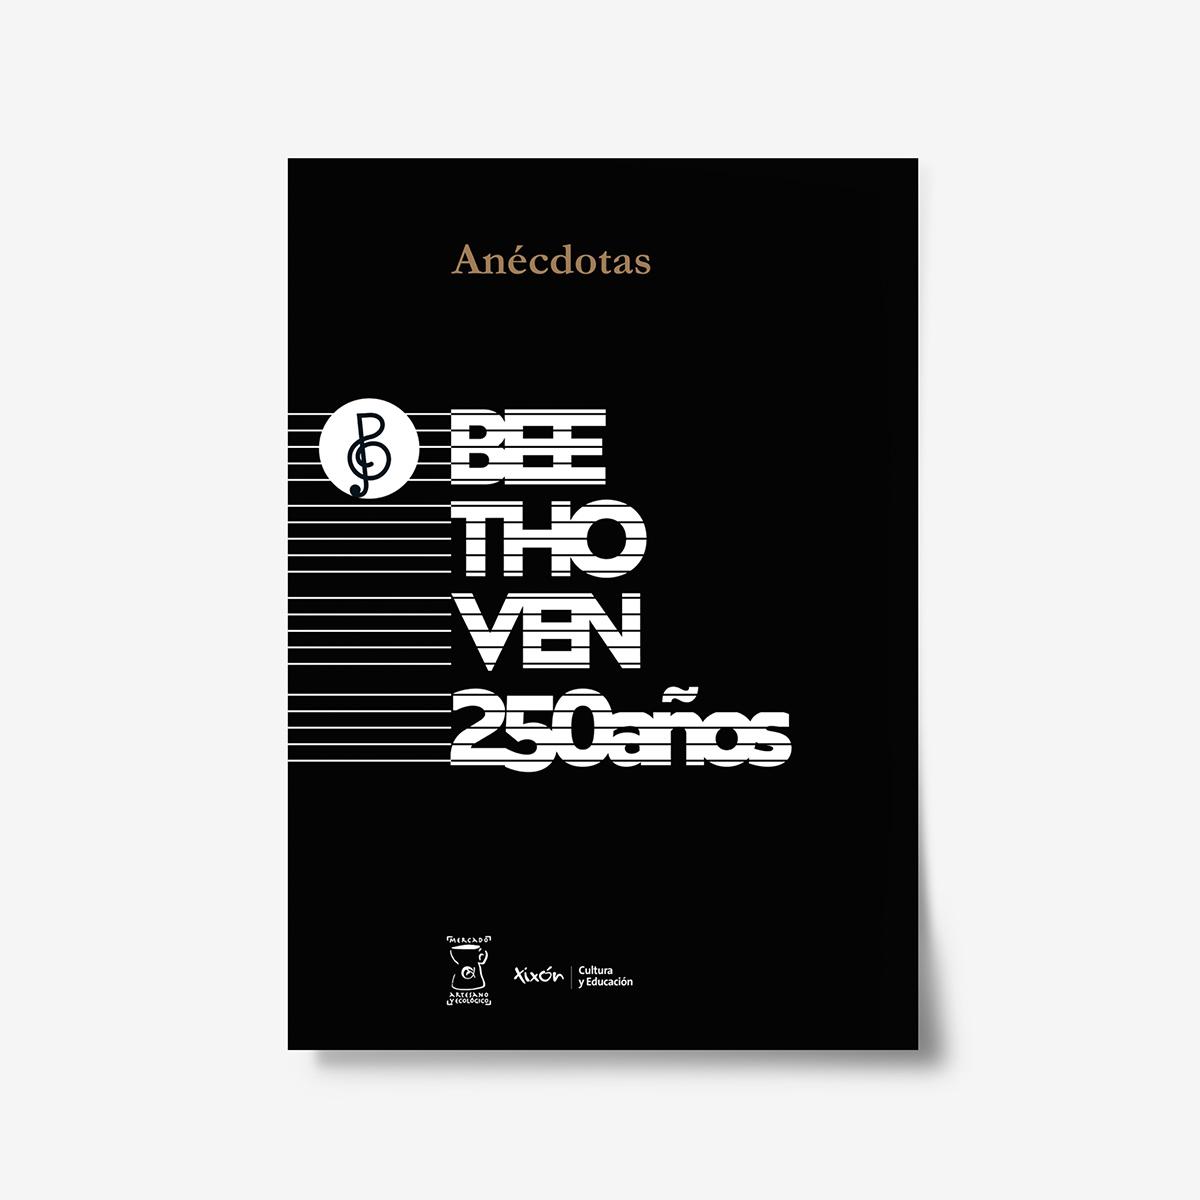 Exposición celebración del 250 aniversario de Ludwing van Beethoven. Ilustraciones Goyo Rodríguez